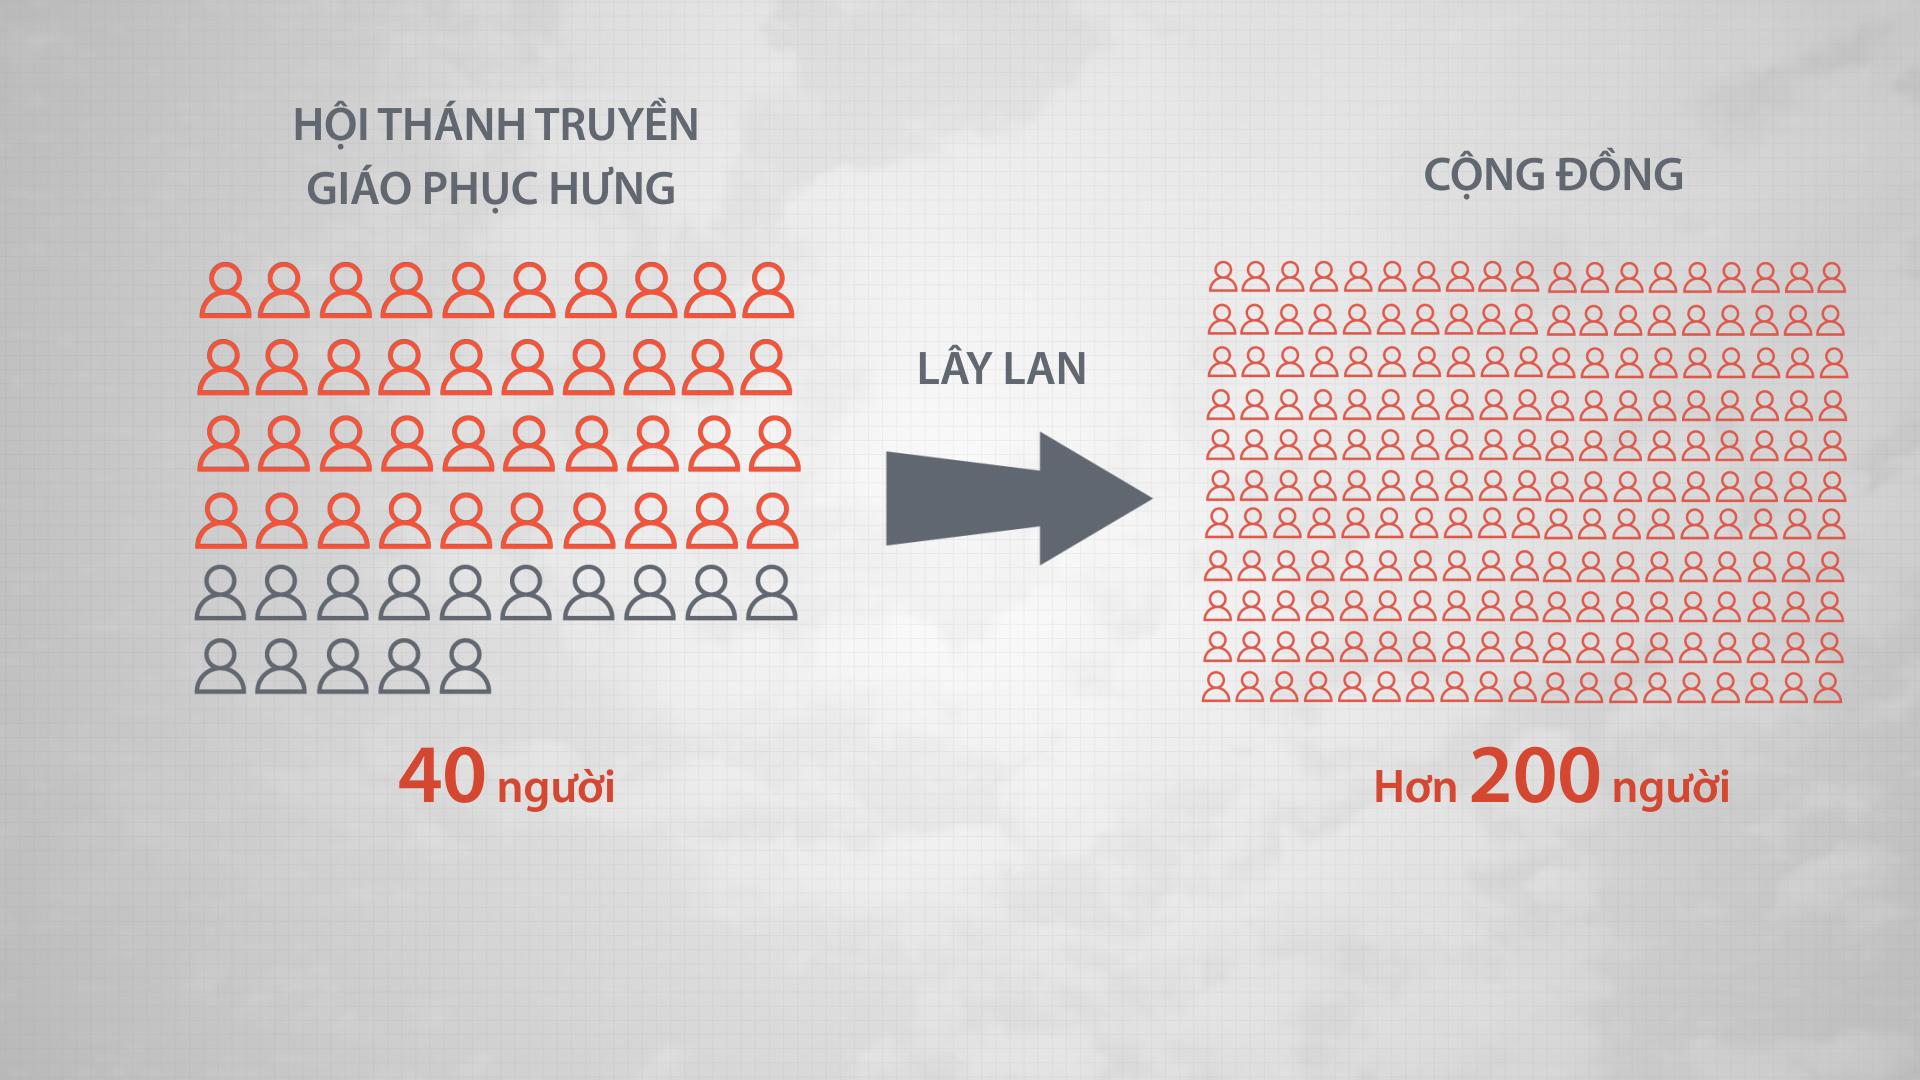 Dịch ở TP HCM đang như thế nào?